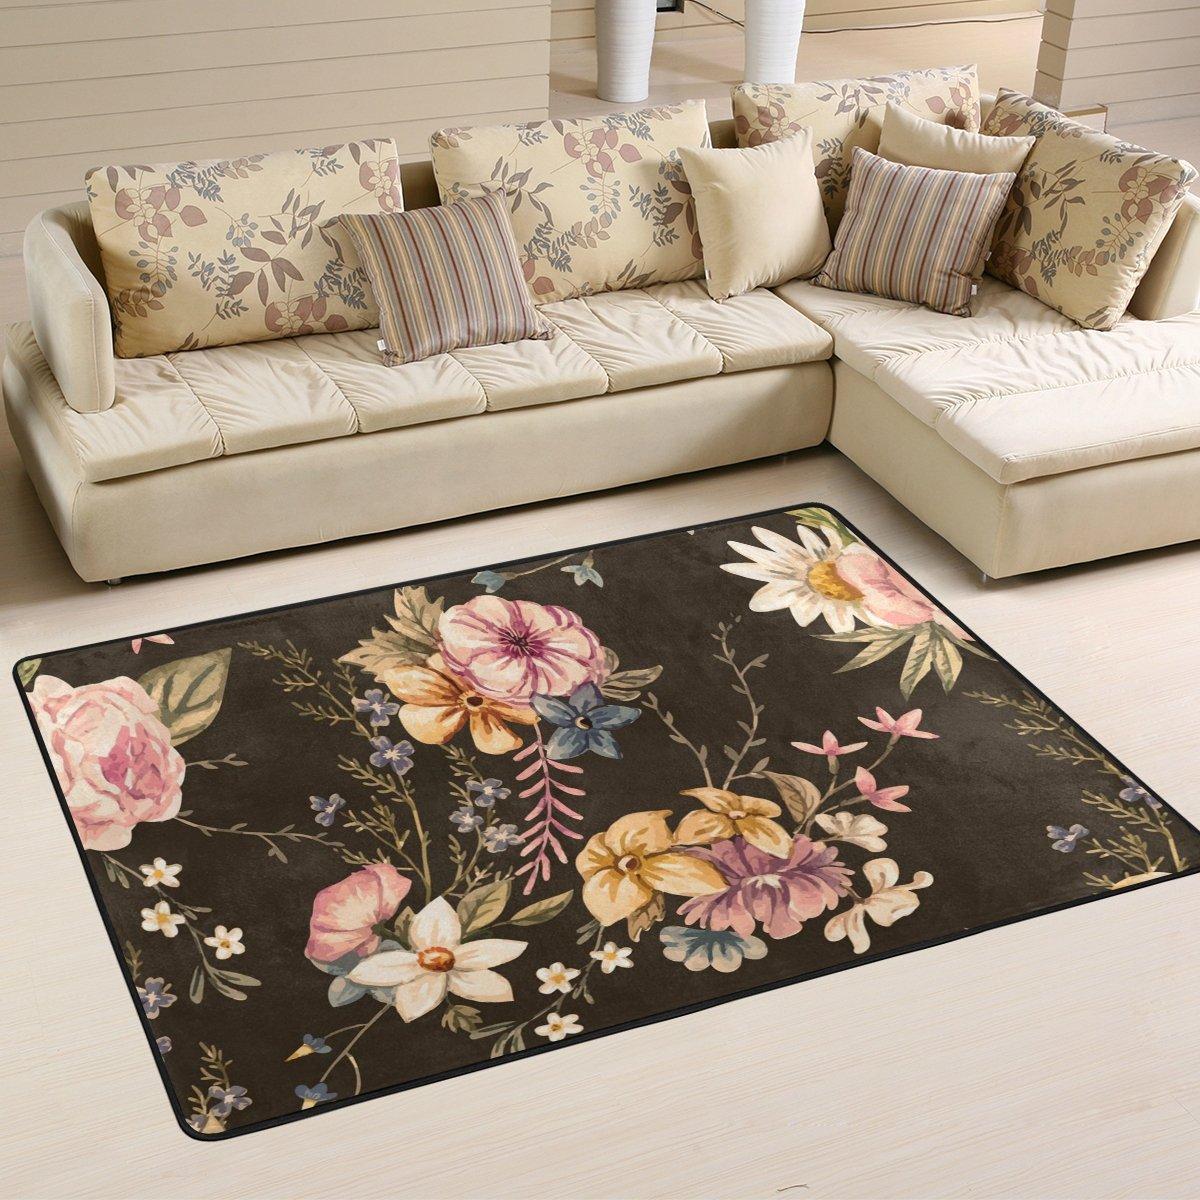 ingbags Leaf Blume Tropical Wohnzimmer Essbereich Teppiche 3x 2Füße Bed Room Teppiche Büro Teppiche Moderner Boden Teppich Teppiche Home Decor, multi, 3 x 2 Feet